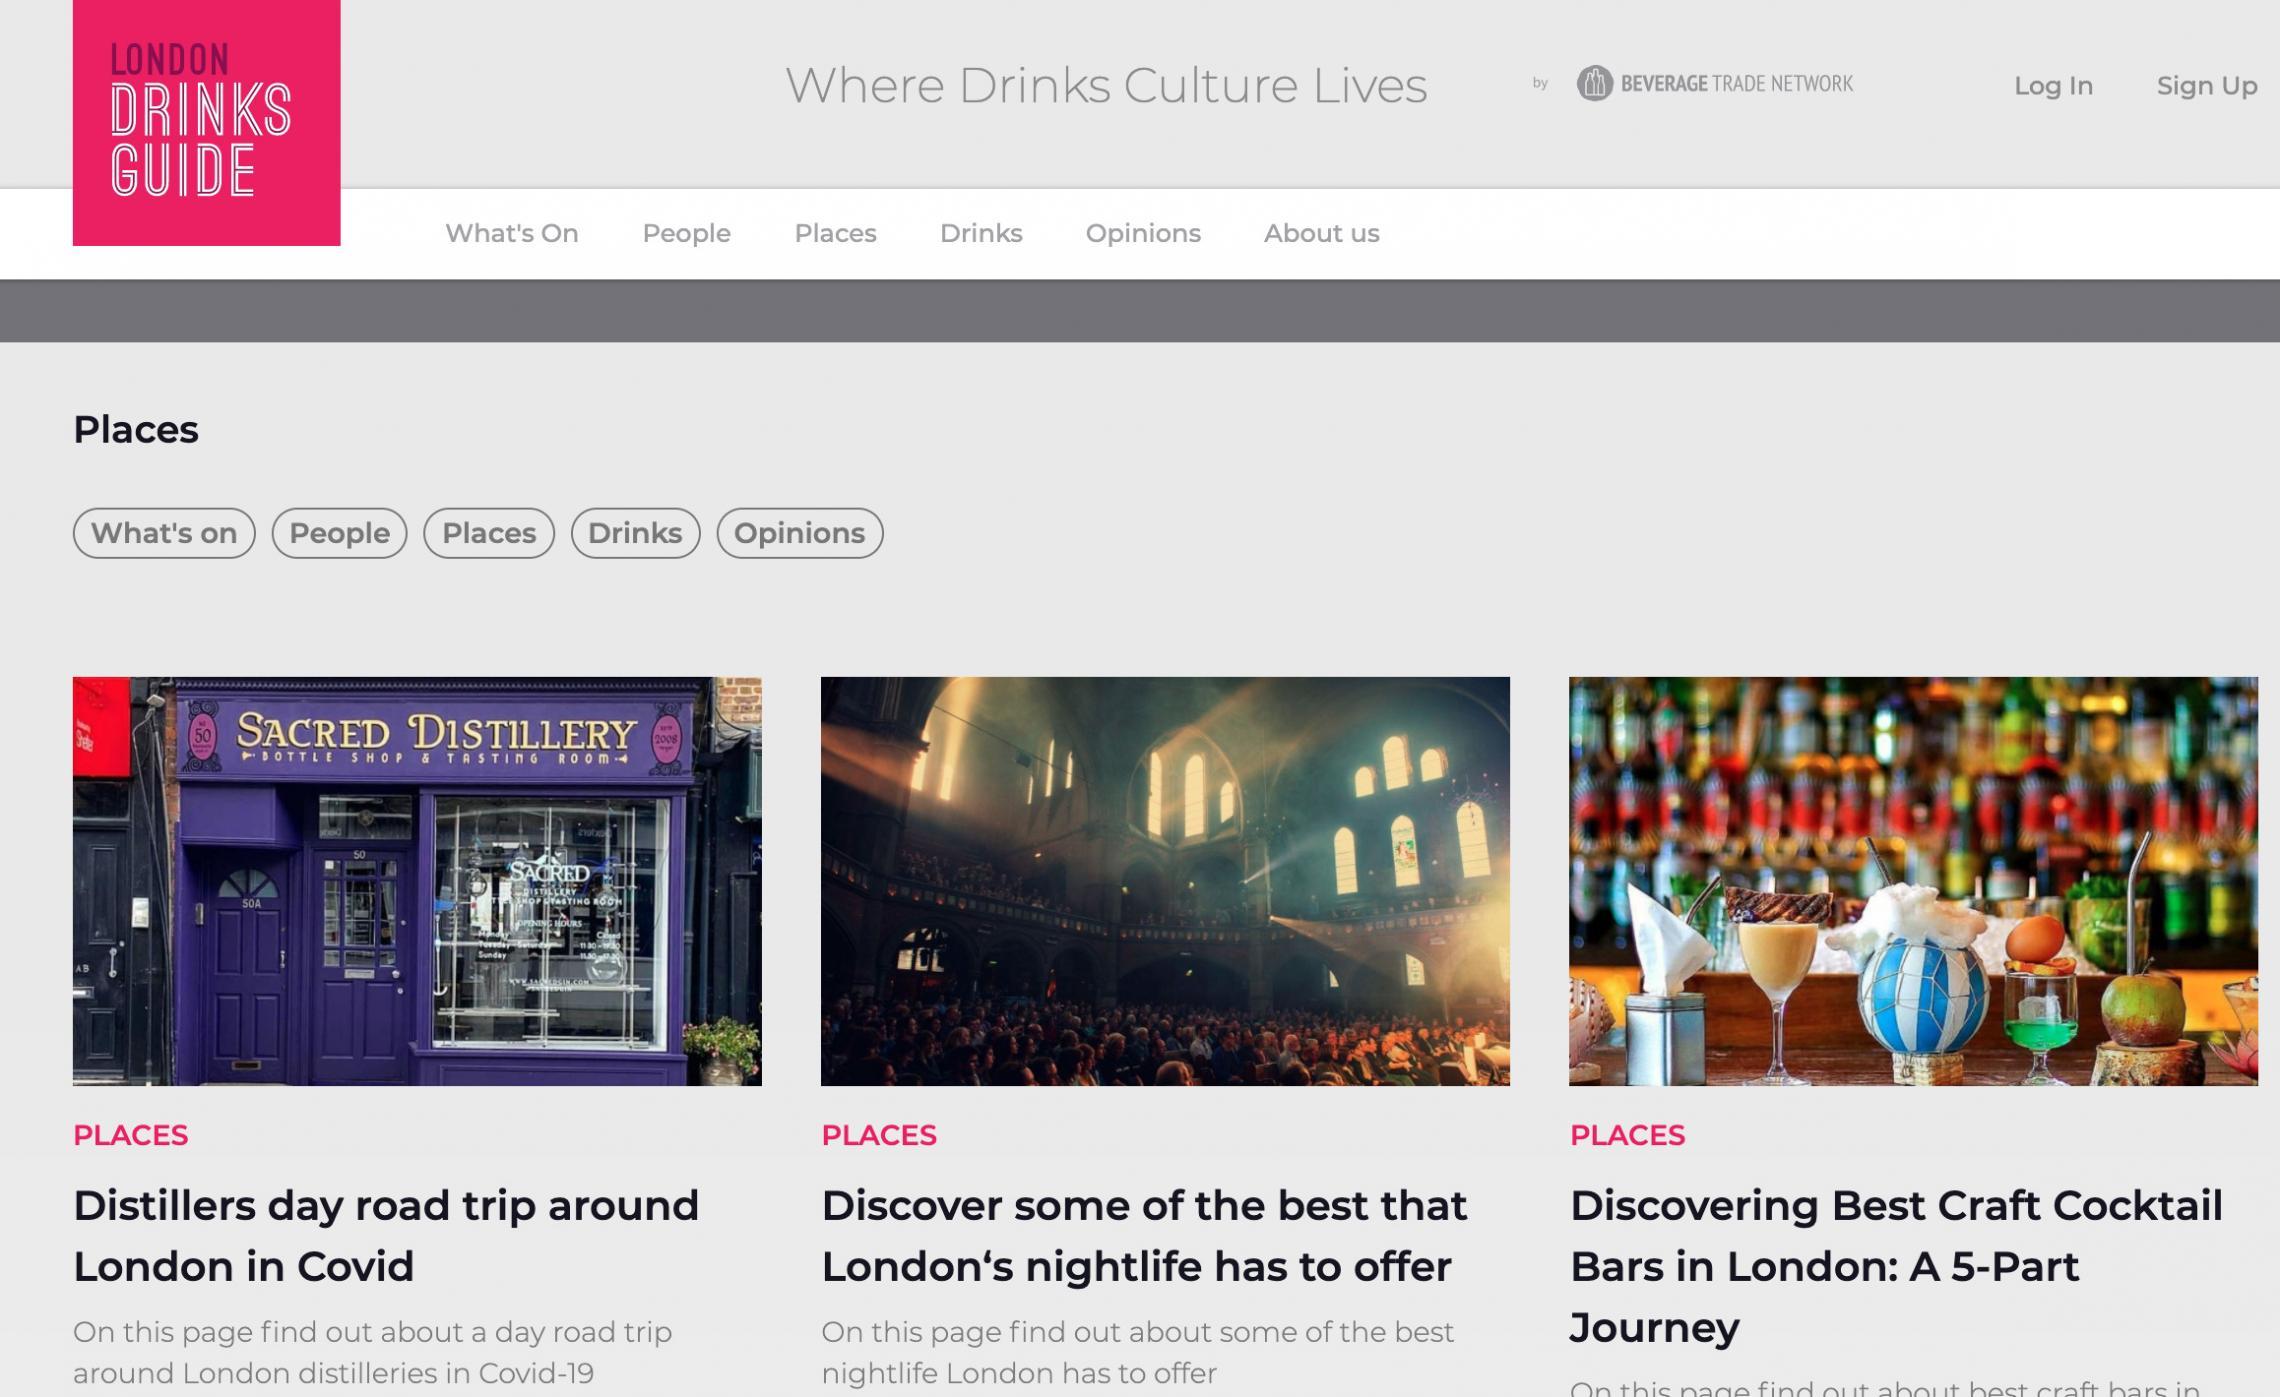 London Drinks Guide Website